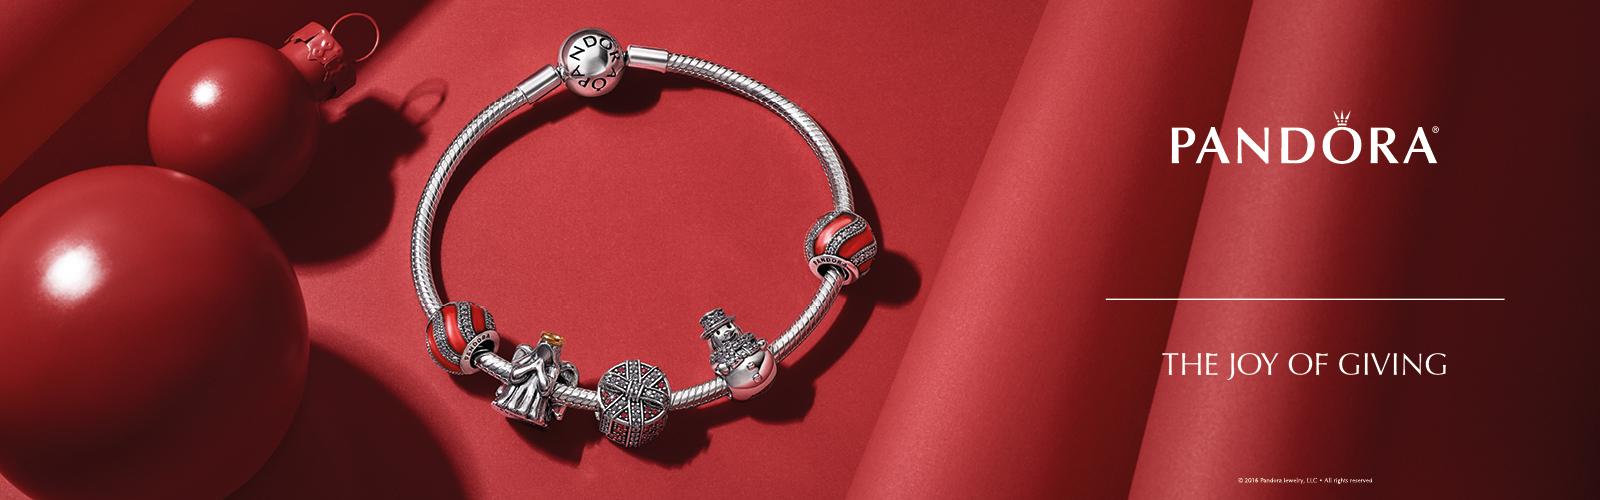 Pandora - The Joy of Gifting